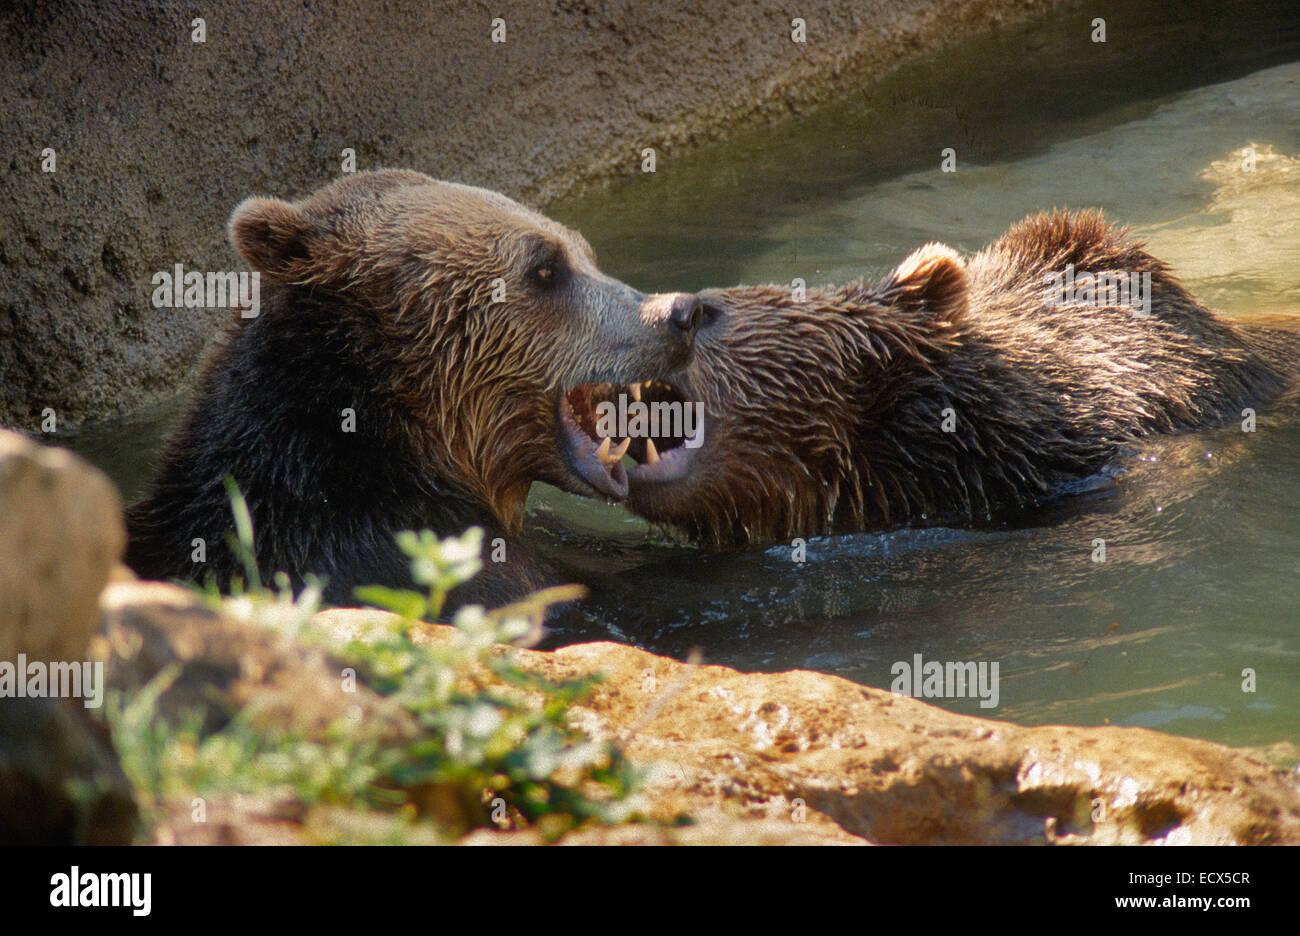 Brown bear, Ursus arctos, Ursidae, Rome Zoo, Italy Stock Photo